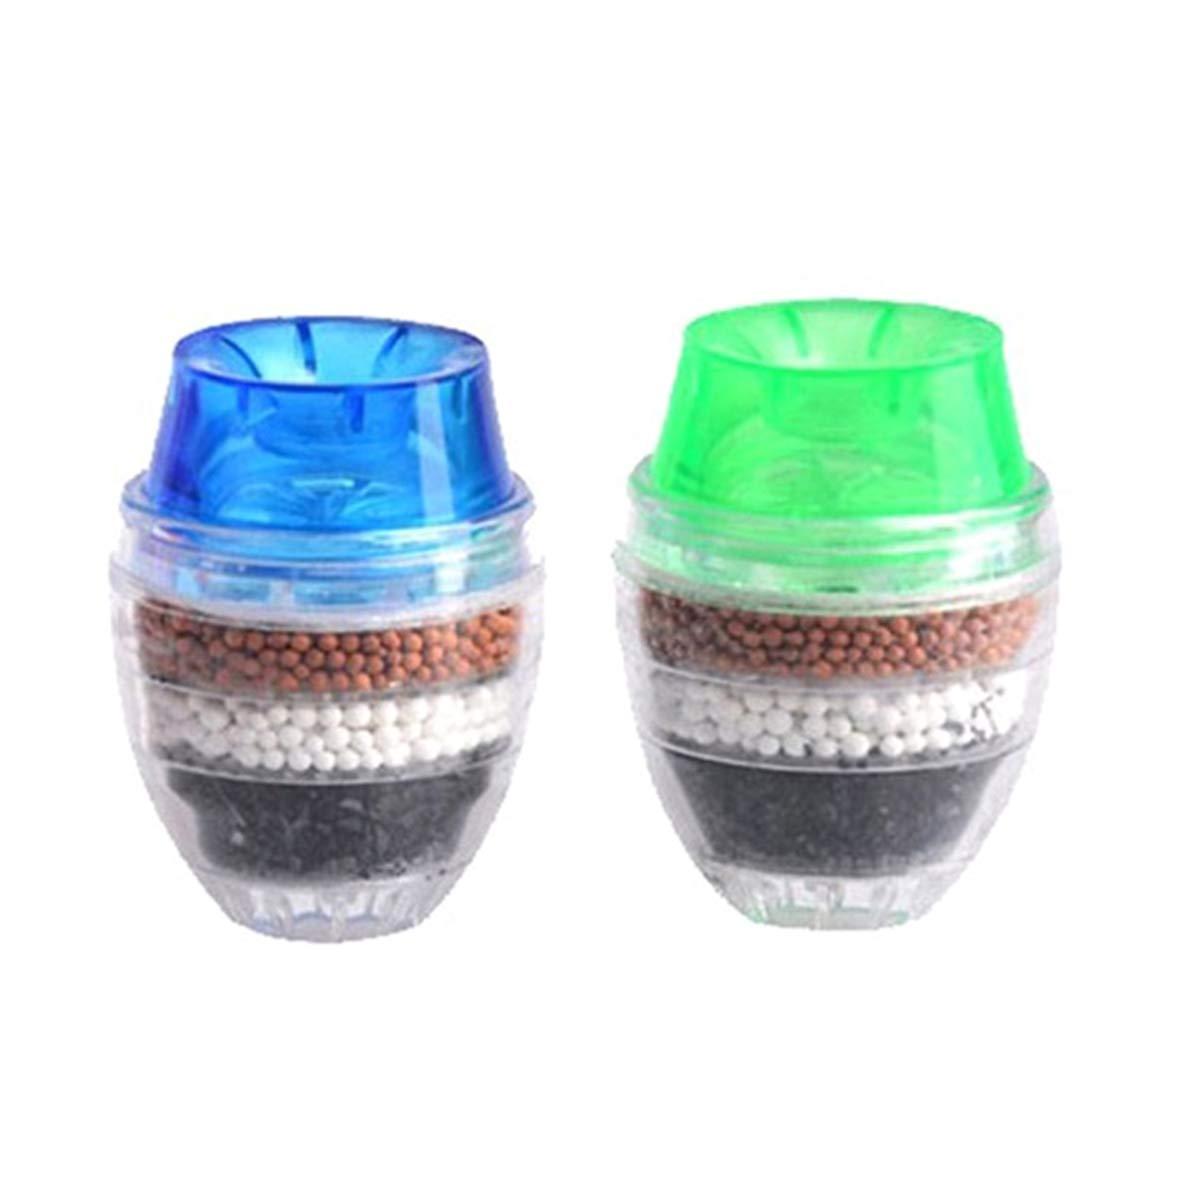 BESTONZON - 2 filtros de agua para grifo de cocina, a prueba de salpicaduras, filtro purificador de agua, color al azar